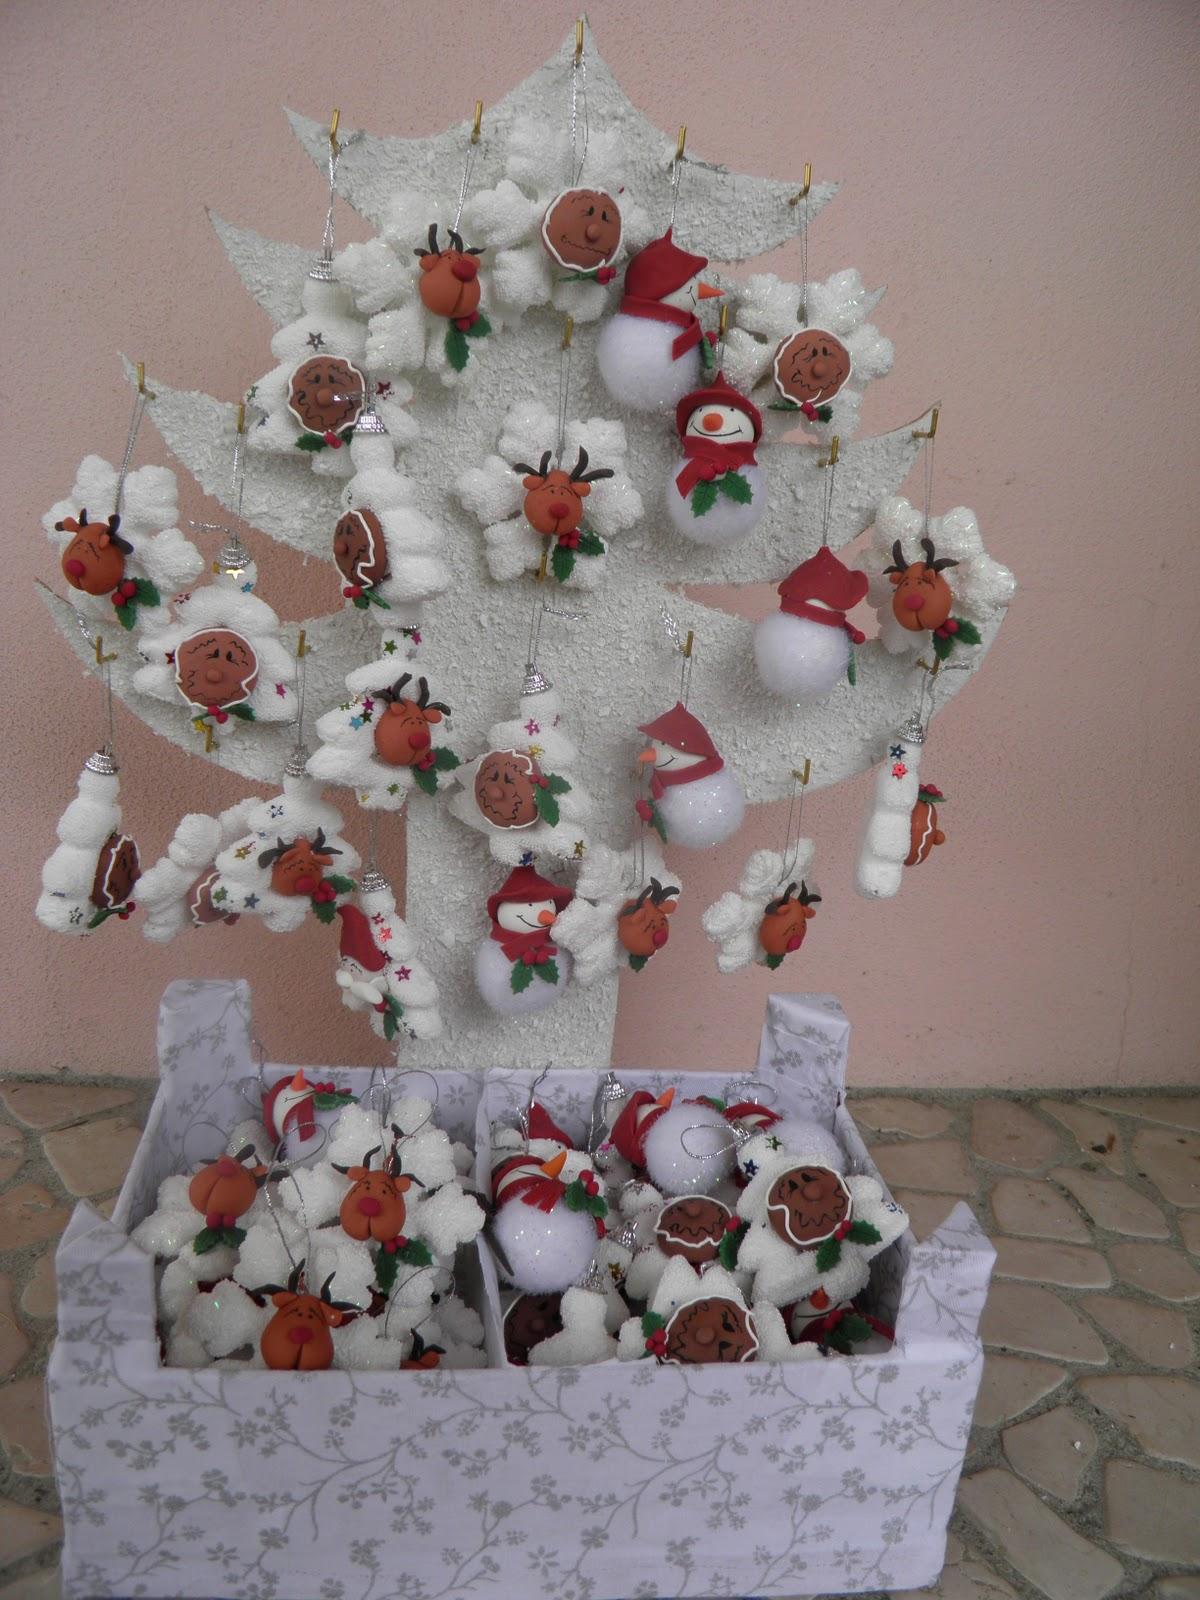 La nuvola dei sogni renne pupazzi di neve e ginger da appendere all 39 albero di natale - Pinterest natale ...